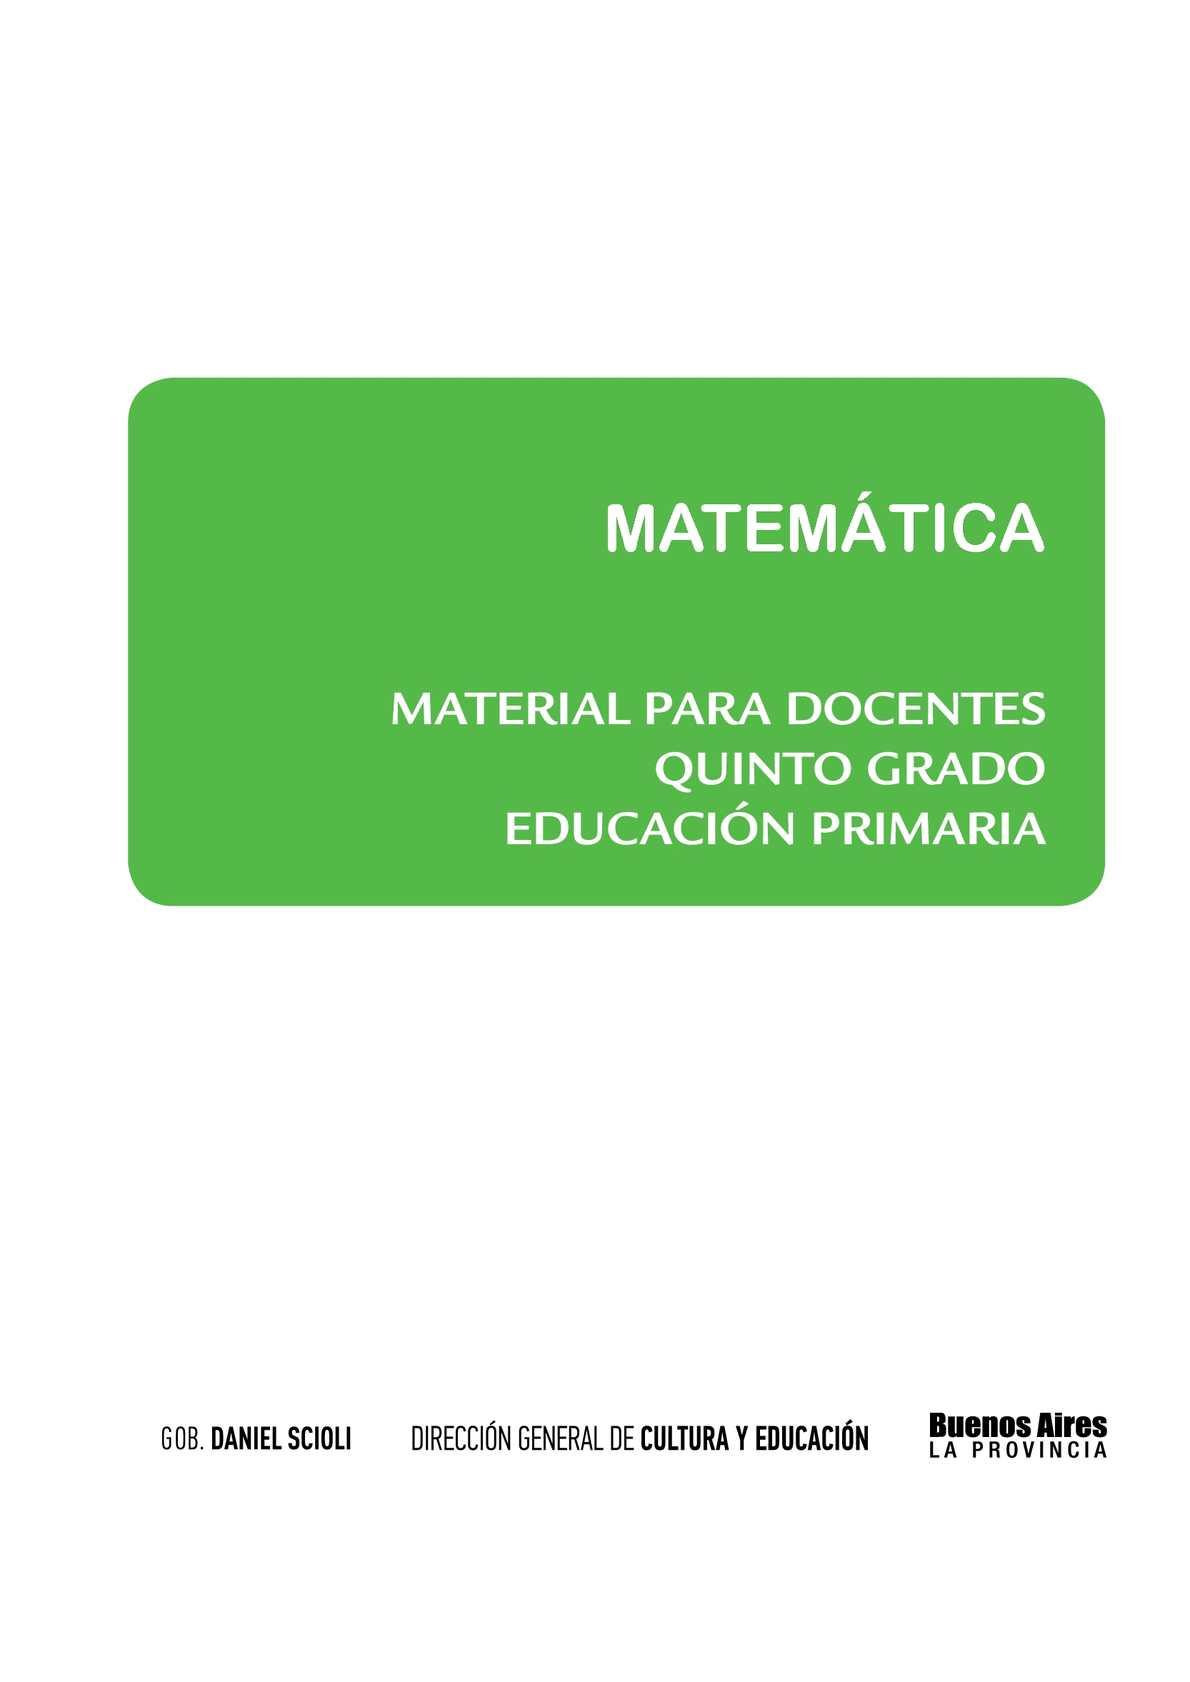 Calaméo - matematica